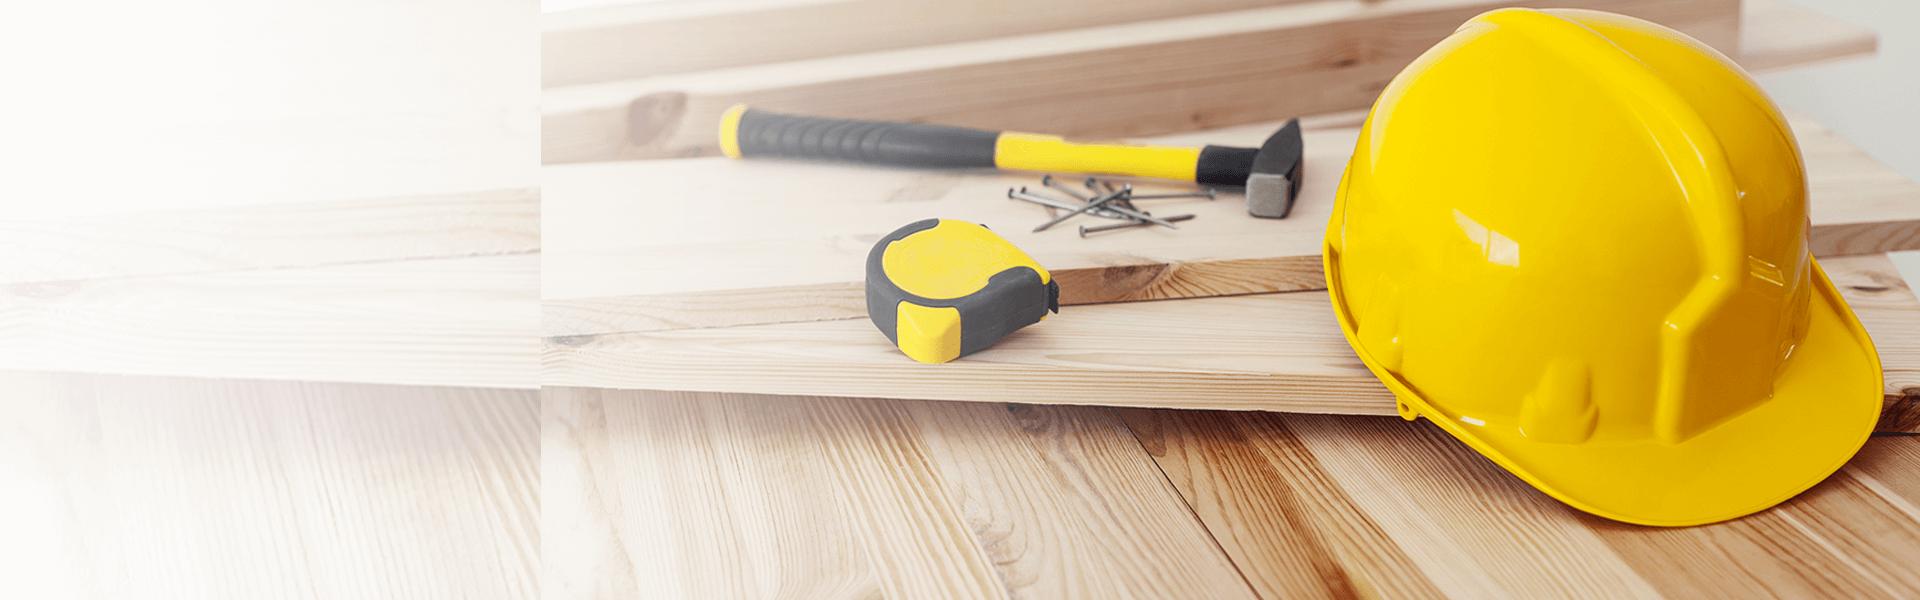 renovierungskredit mit renovierungsdarlehen g nstig umbauen. Black Bedroom Furniture Sets. Home Design Ideas